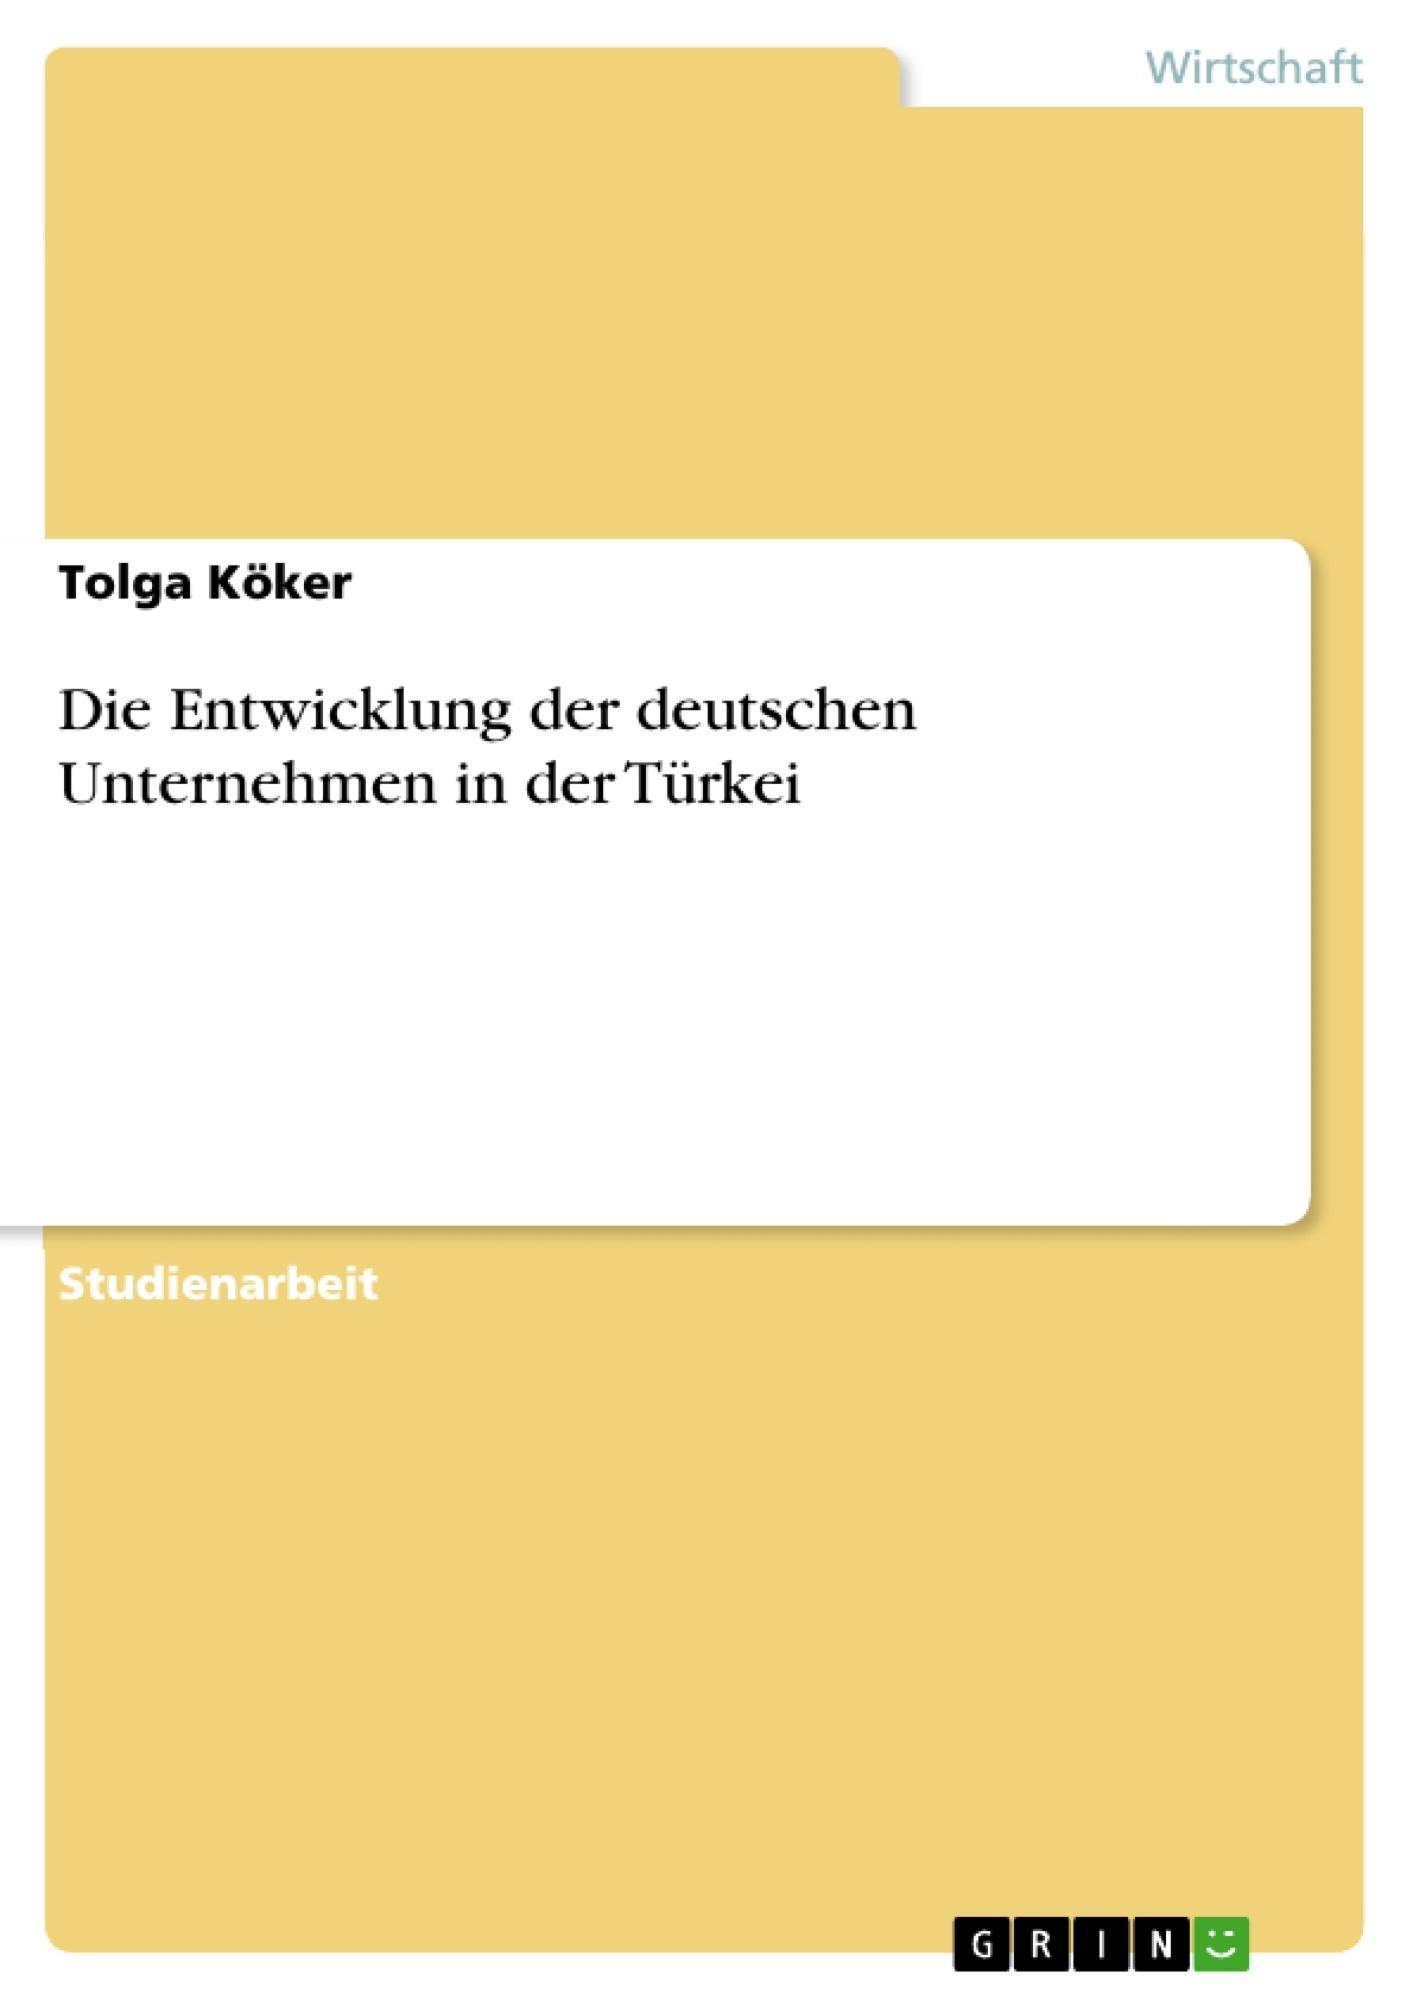 Titel: Die Entwicklung der deutschen Unternehmen in der Türkei